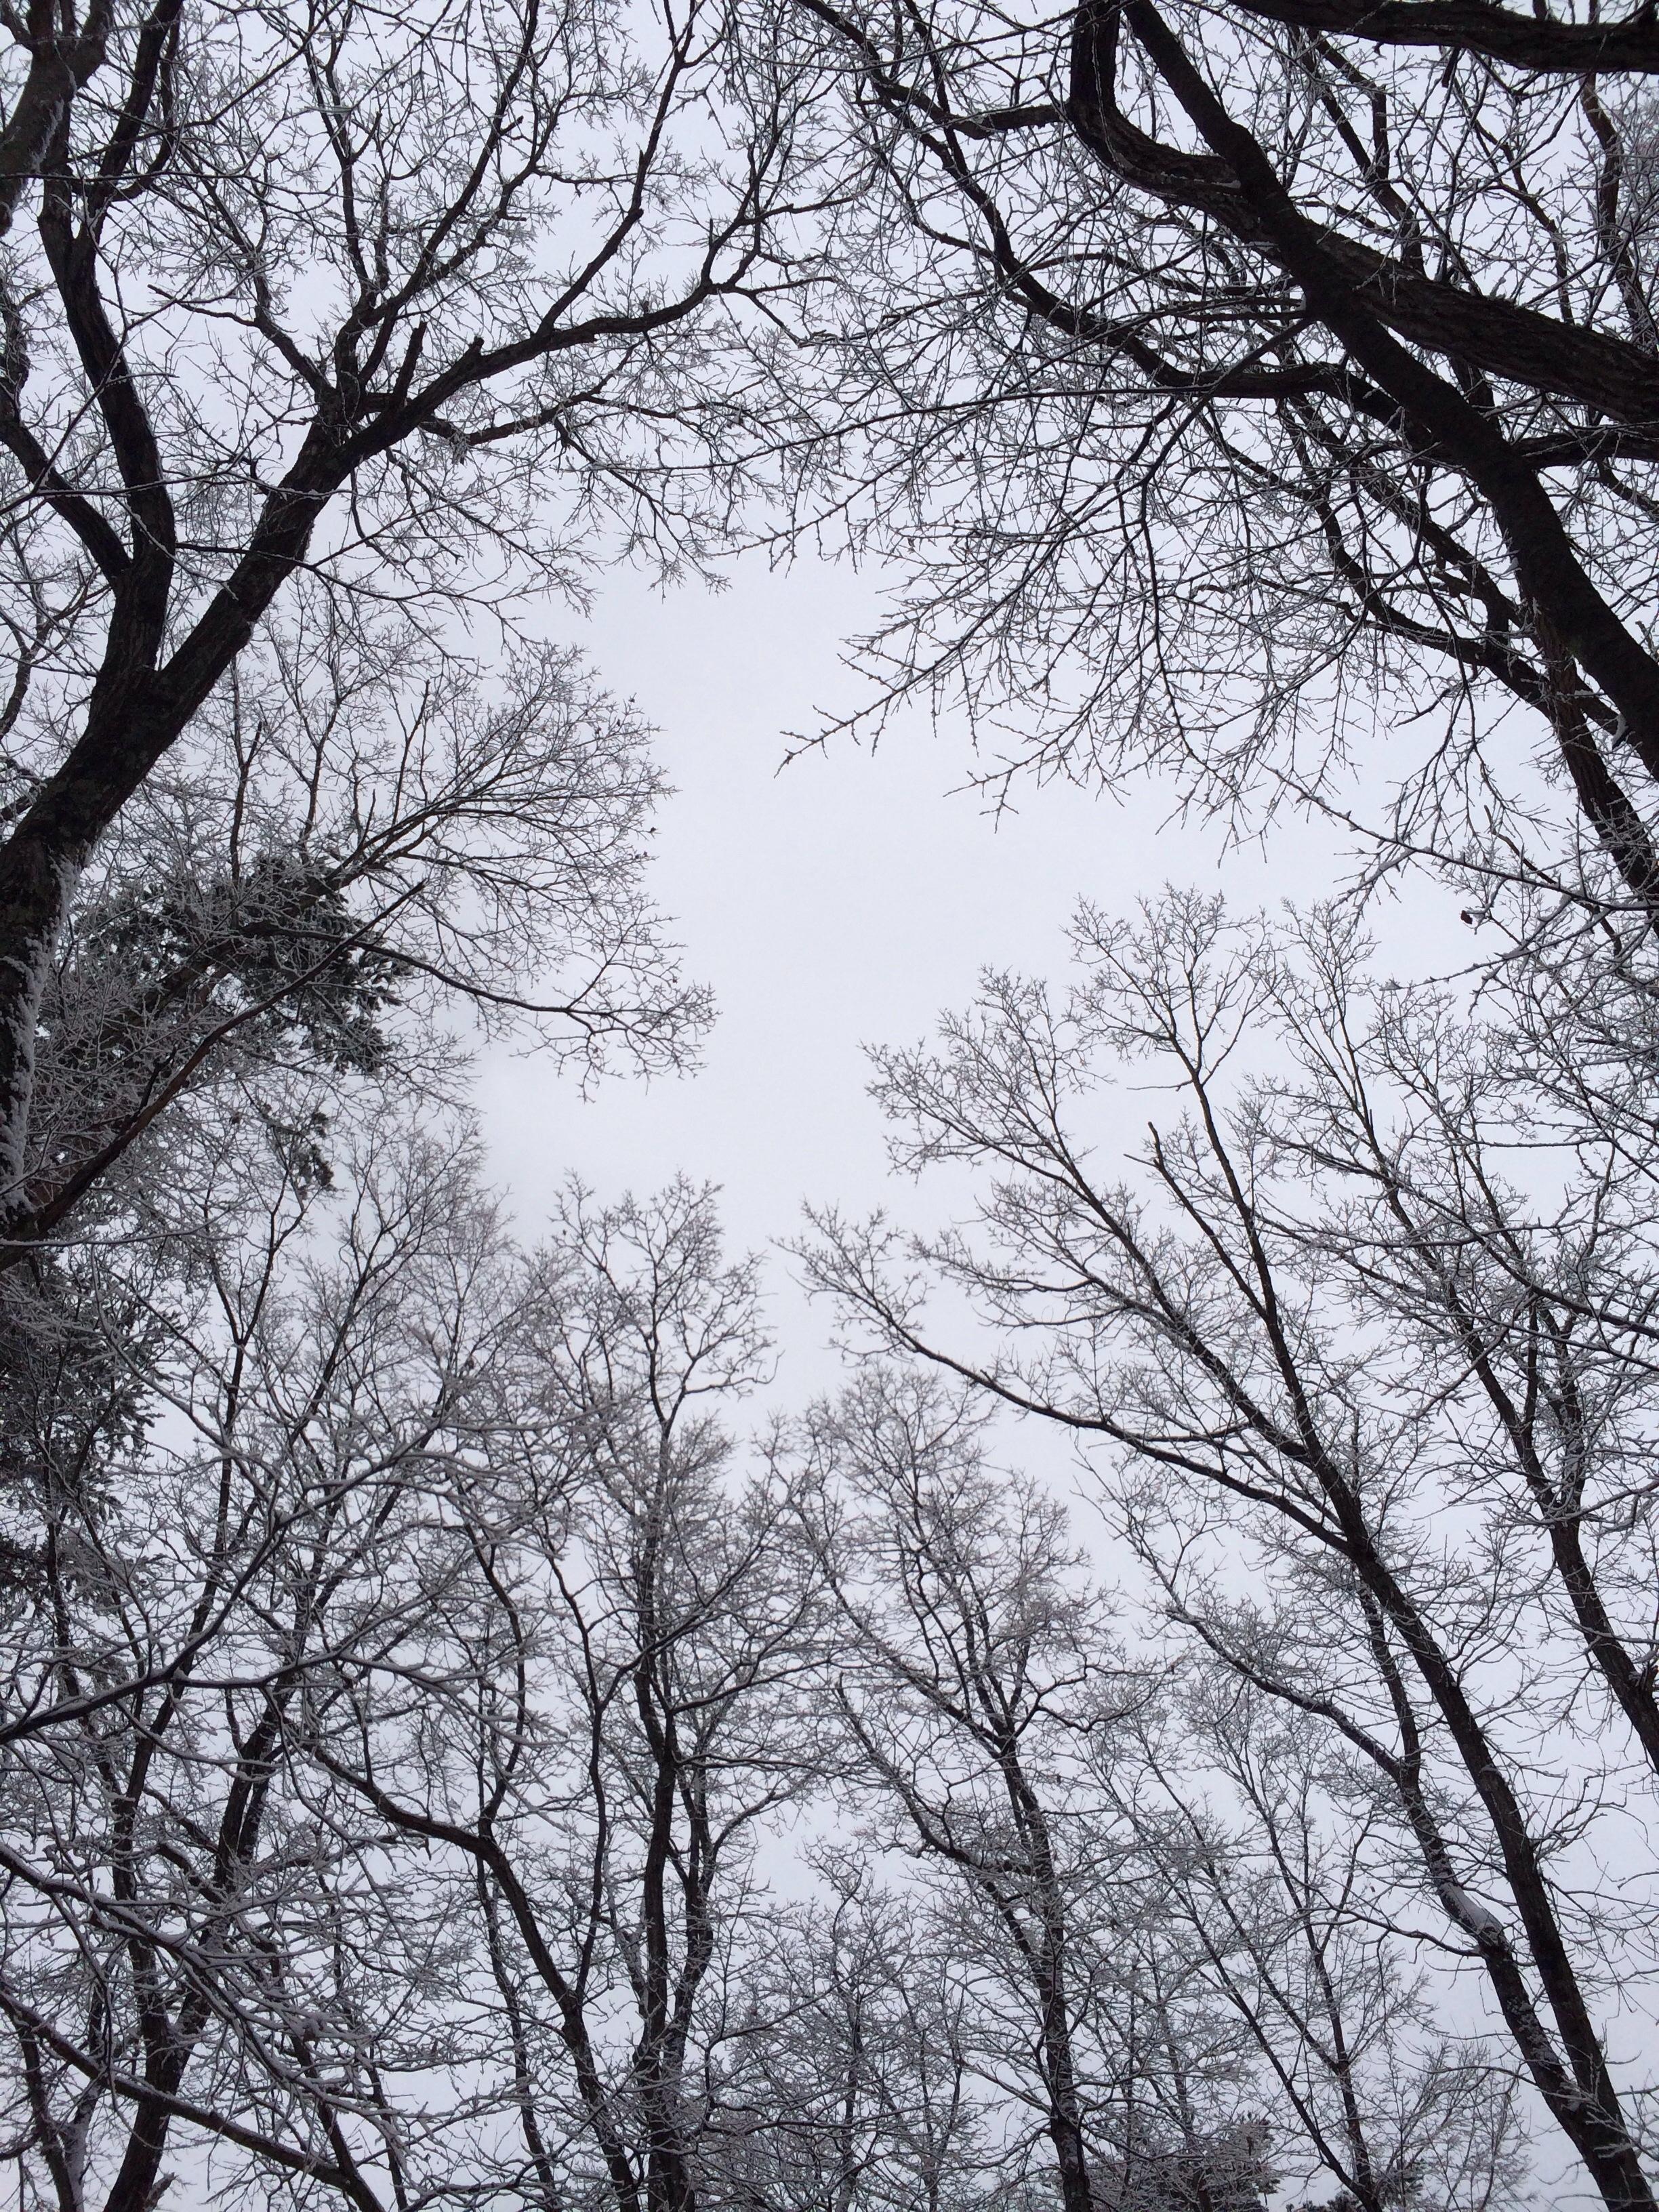 12月27日軽井沢の霧氷(むひょう)